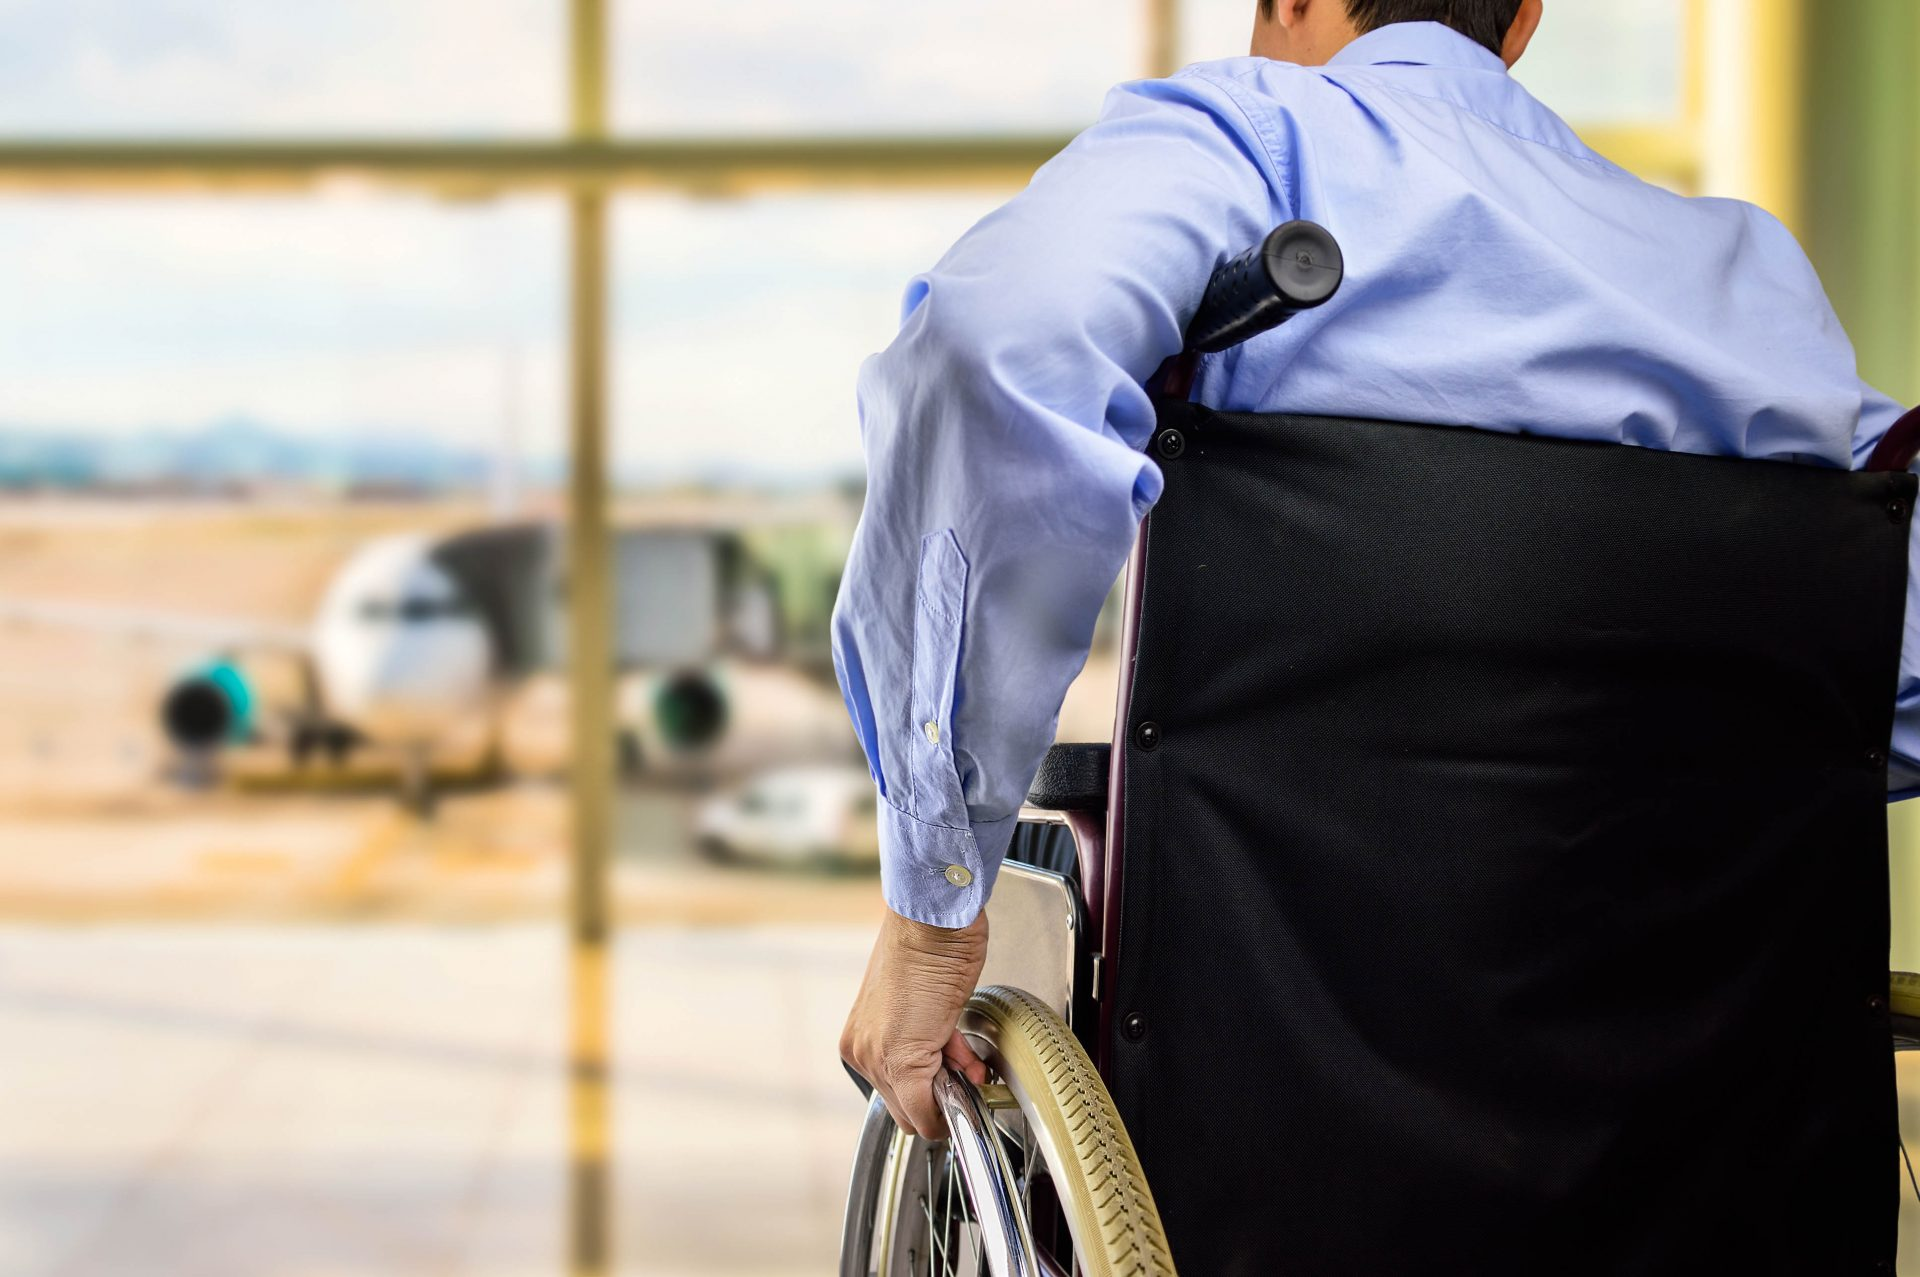 Ein Mann wartet im Rollstuhl auf seinen Abflug